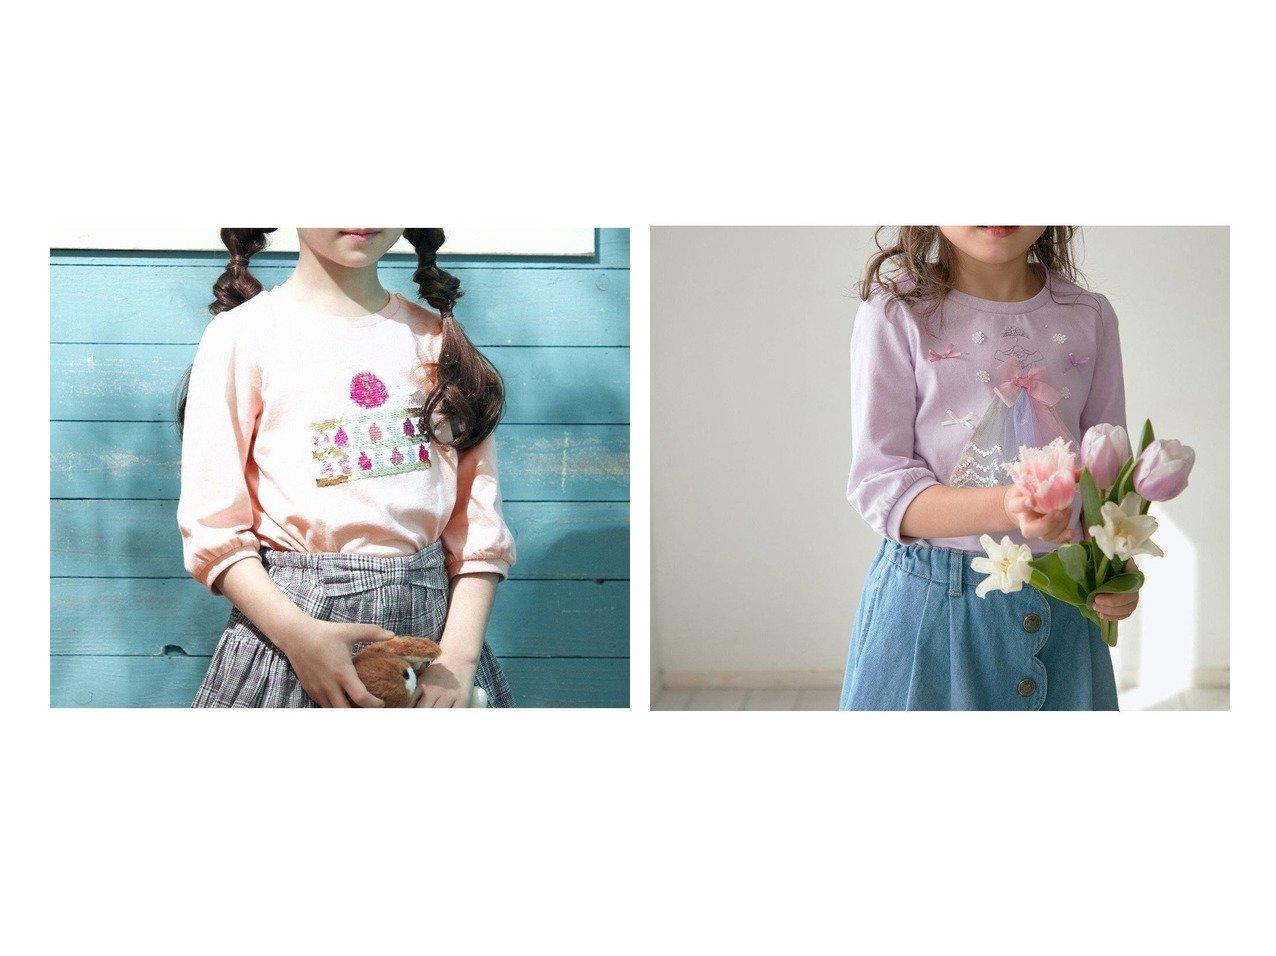 【anyFAM / KIDS/エニファム】のミラクルスパンコール七分袖Tシャツ&プリンセスモチーフ 七分袖 Tシャツ 【KIDS】子供服のおすすめ!人気トレンド・キッズファッションの通販 おすすめで人気の流行・トレンド、ファッションの通販商品 メンズファッション・キッズファッション・インテリア・家具・レディースファッション・服の通販 founy(ファニー) https://founy.com/ ファッション Fashion キッズファッション KIDS トップス・カットソー Tops/Tees/Kids エレガント カットソー チュール 人気 フェミニン モチーフ リボン ロマンティック 再入荷 Restock/Back in Stock/Re Arrival 送料無料 Free Shipping |ID:crp329100000030741